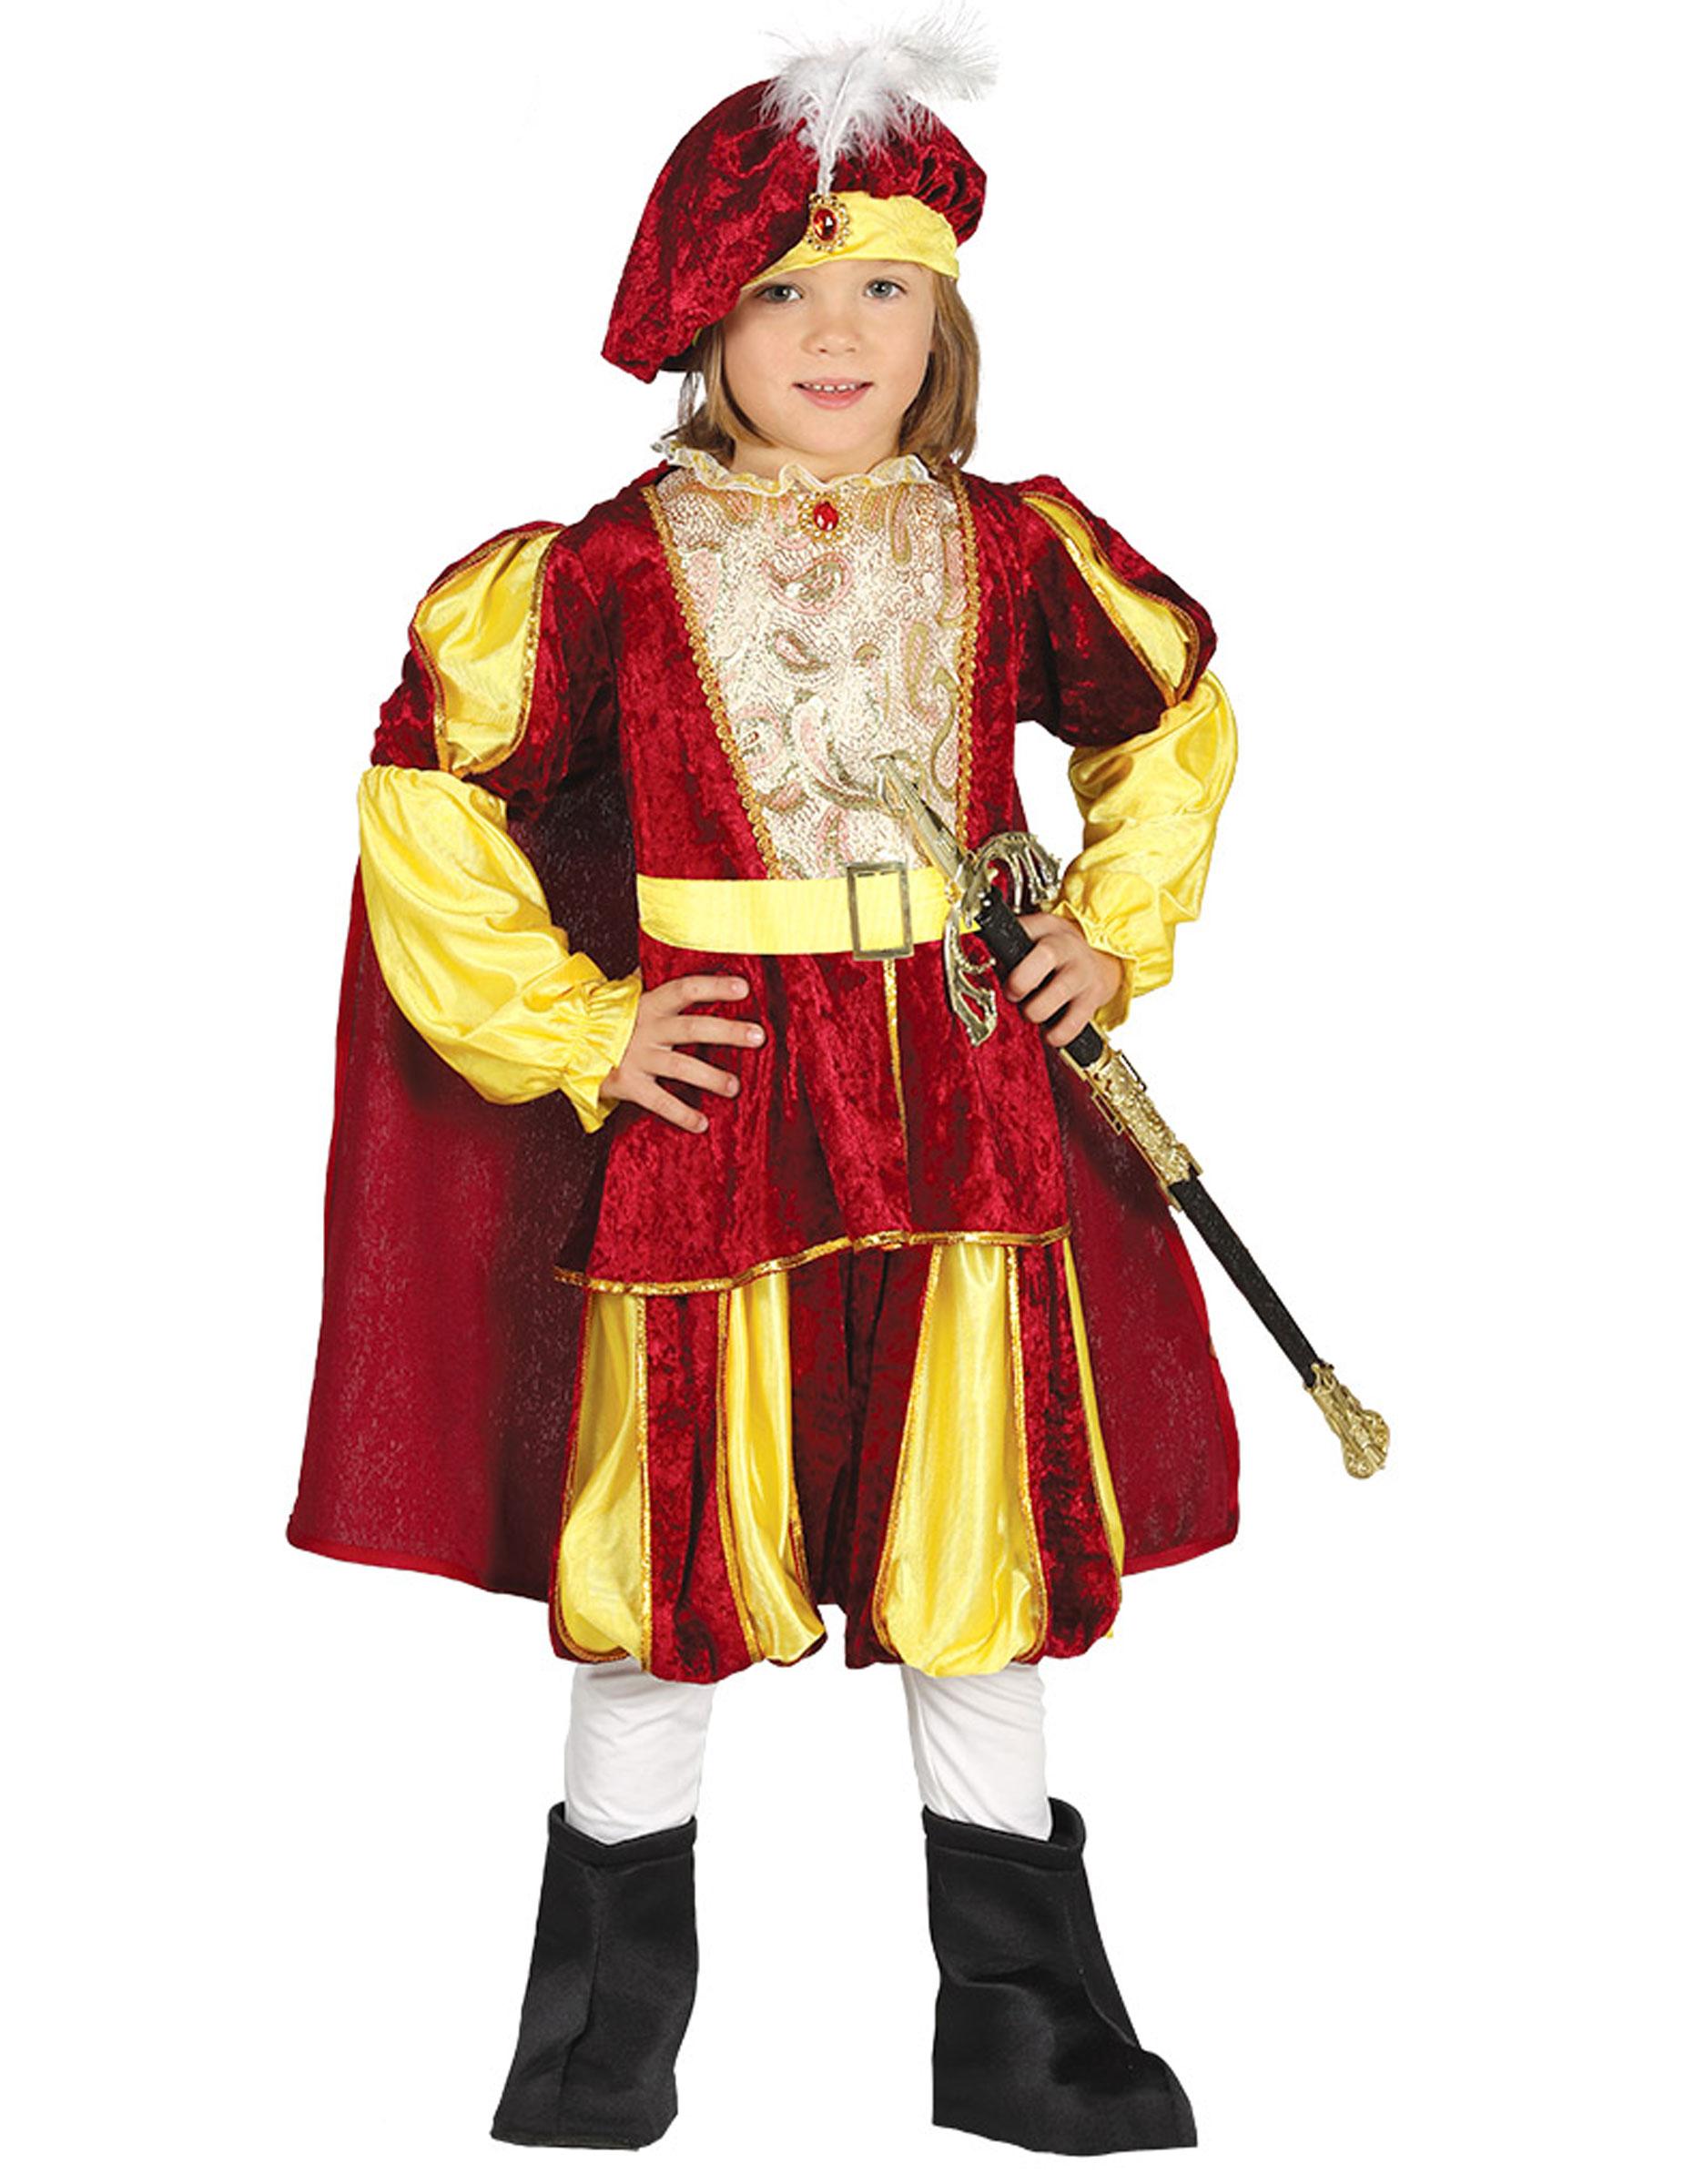 Costume da re rosso e giallo per bambino  Costumi bambini cb87e1c1cac